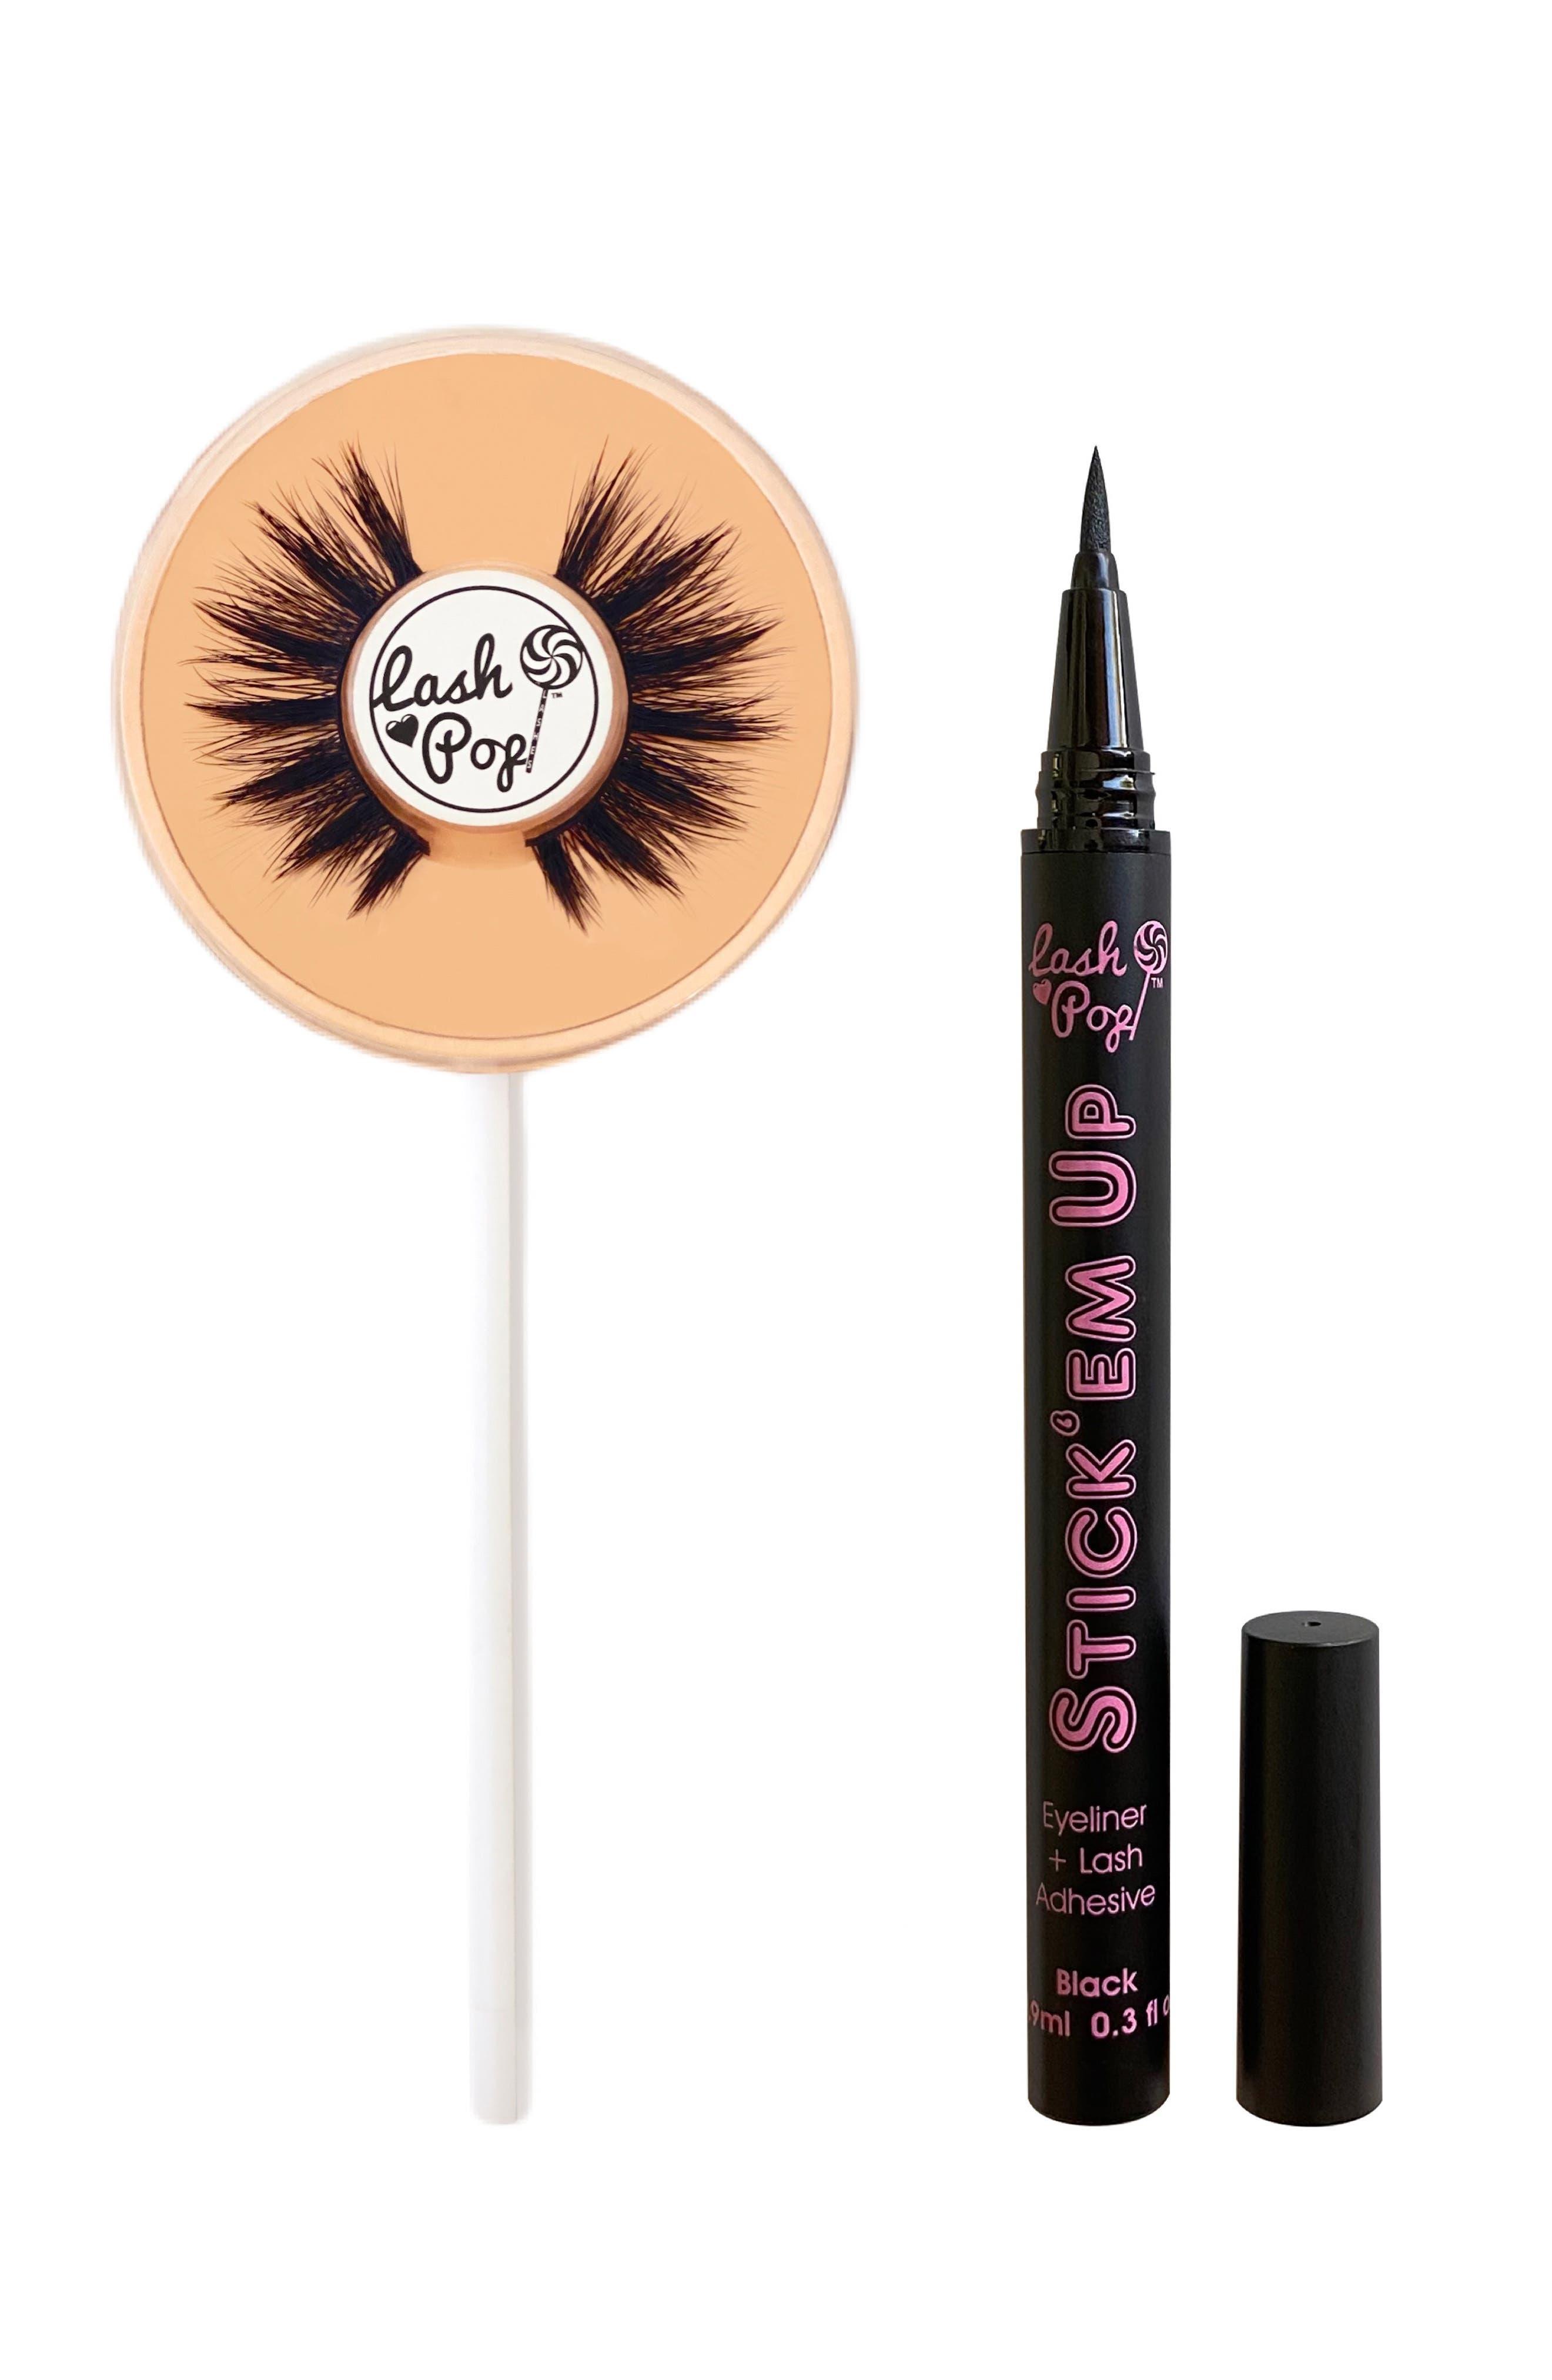 Send Nudes False Eyelashes & Stick 'Em Up 2-In-1 Eyeliner & Lash Adhesive Set